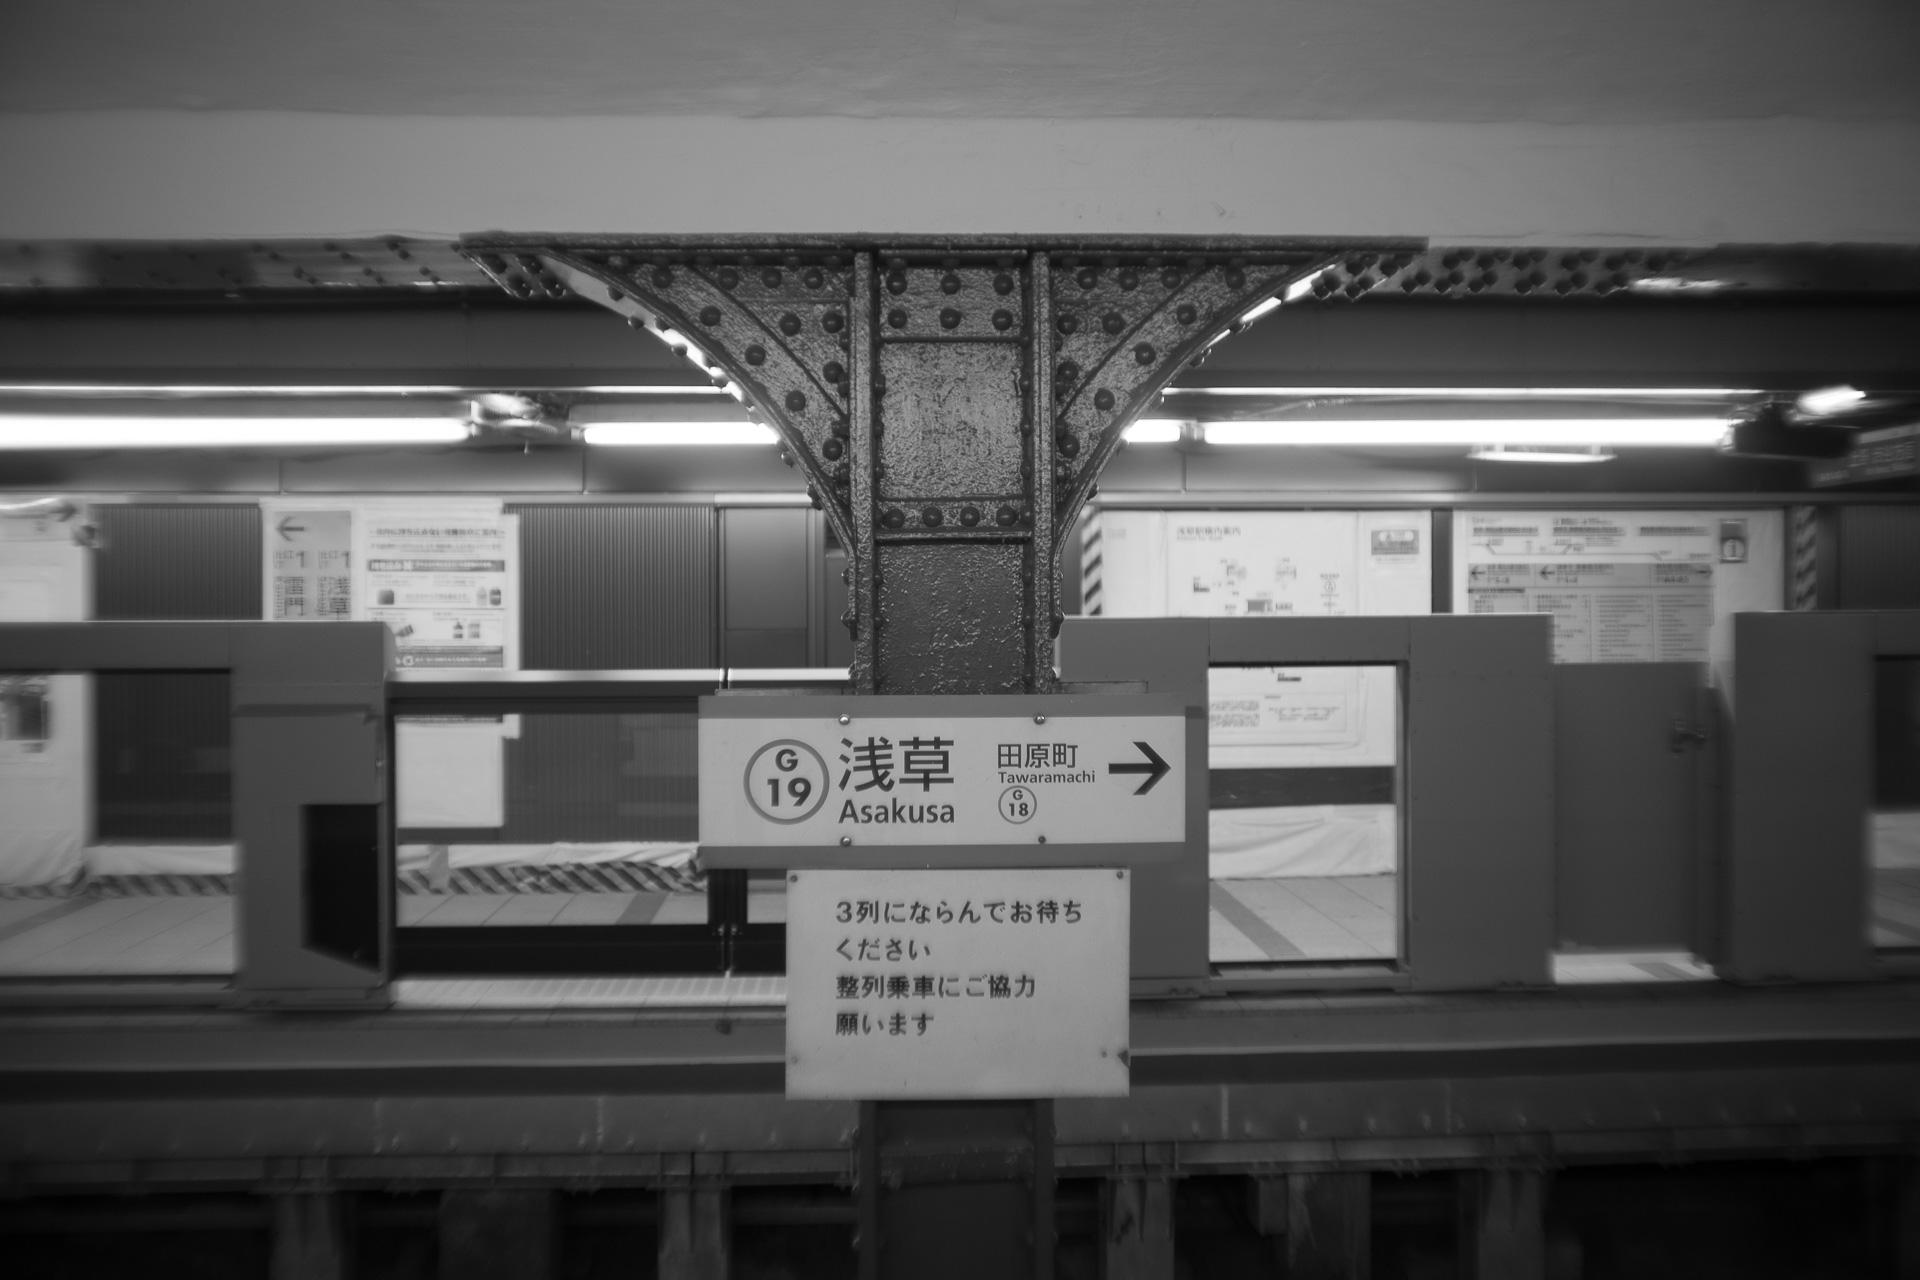 浅草駅 Sony α7, New Nikkor 35mm F2